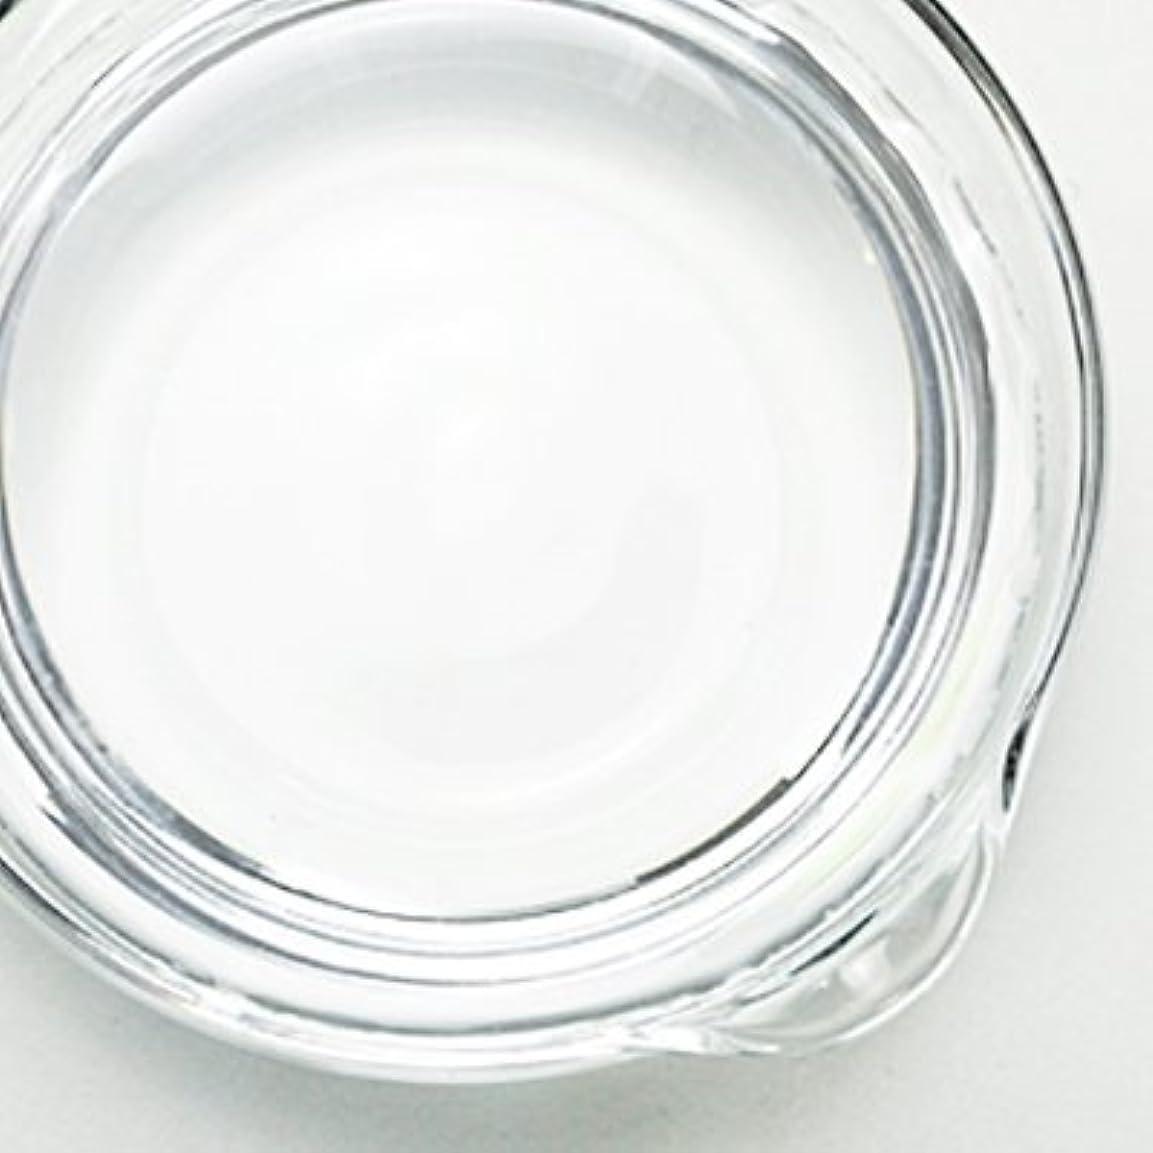 幾何学皿徐々に1,3-ブチレングリコール[BG] 500ml 【手作り石鹸/手作りコスメ】